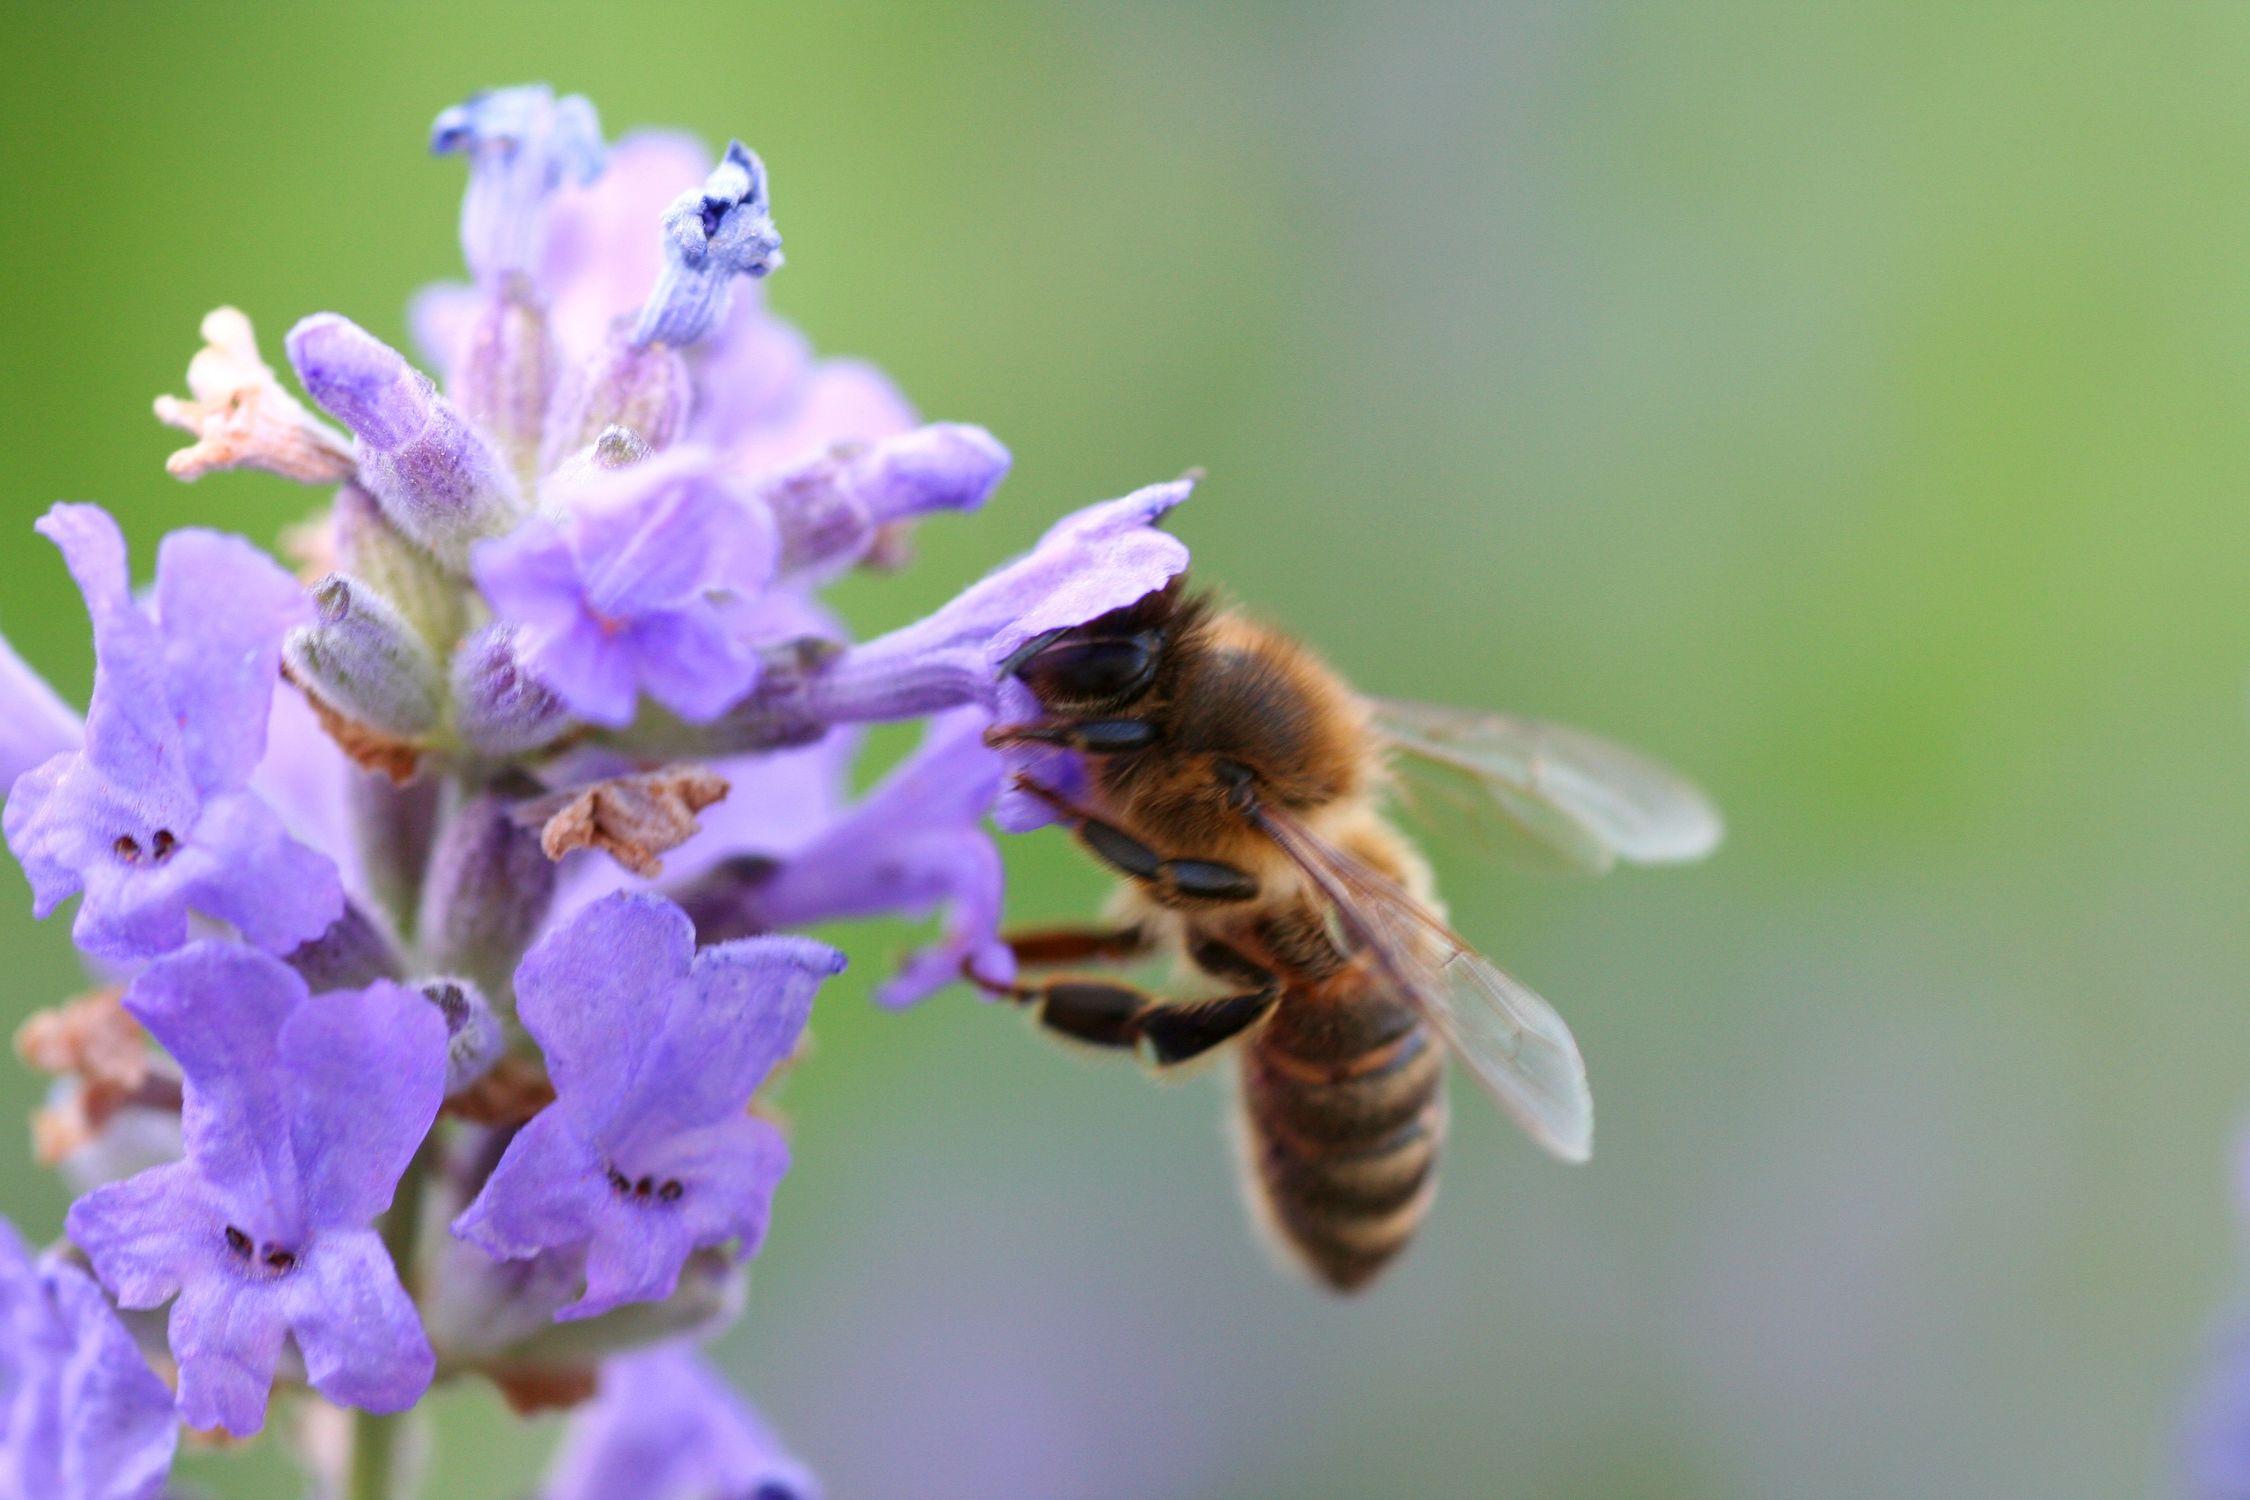 Bild mit Tiere, Natur, Pflanzen, Jahreszeiten, Blumen, Frühling, Insekten, Hautflügler, Bienen, Sträucher, Lavendel, Hummeln